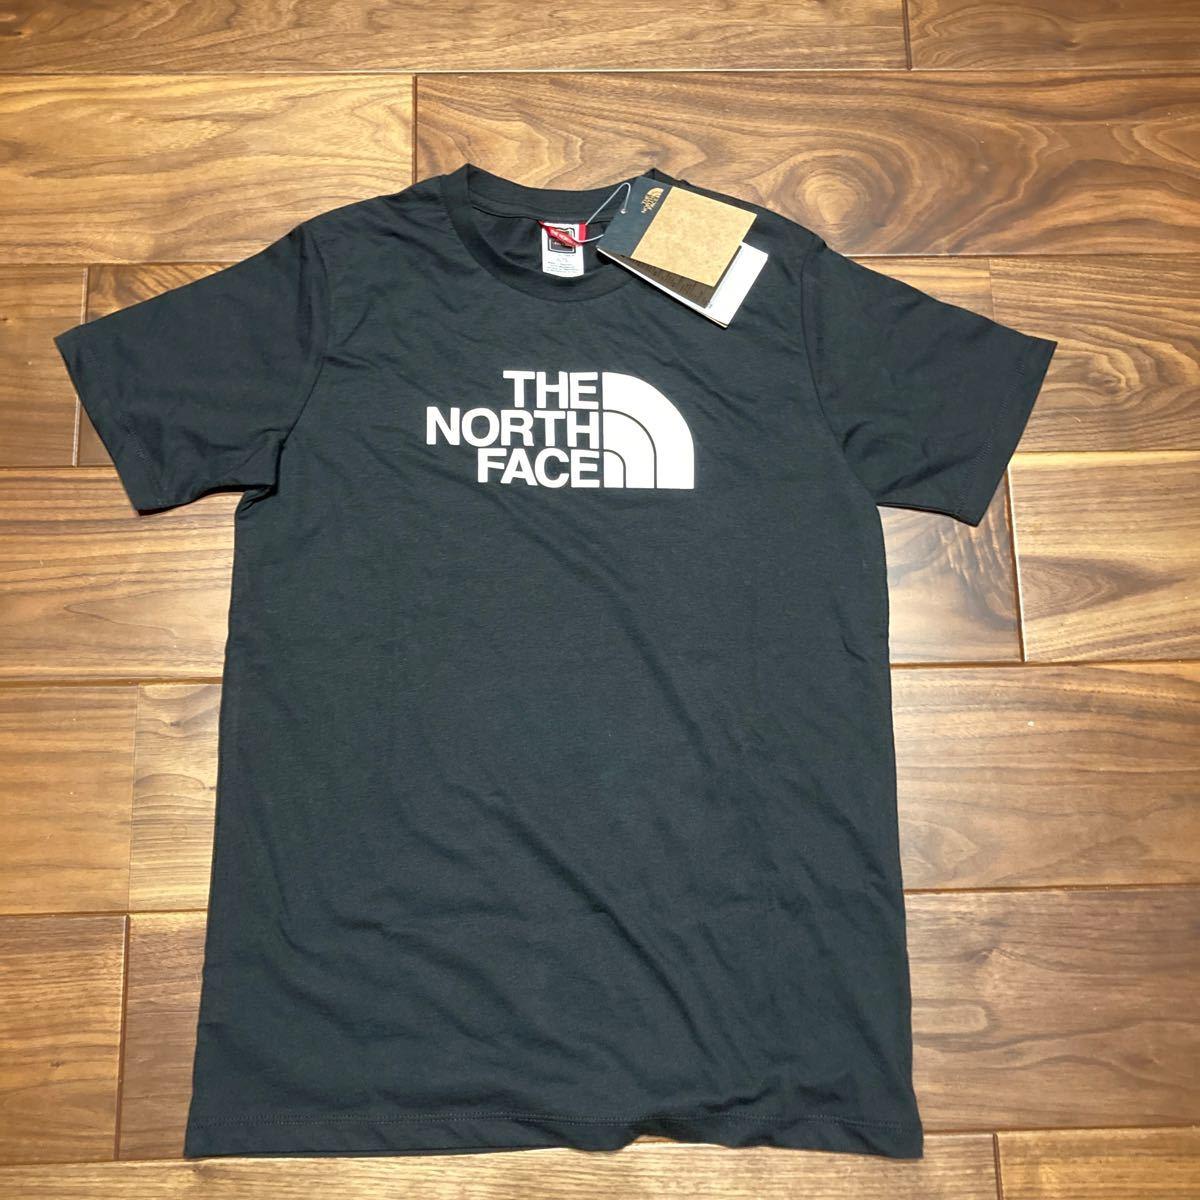 THE NORTH FACE ザノースフェイス Tシャツ